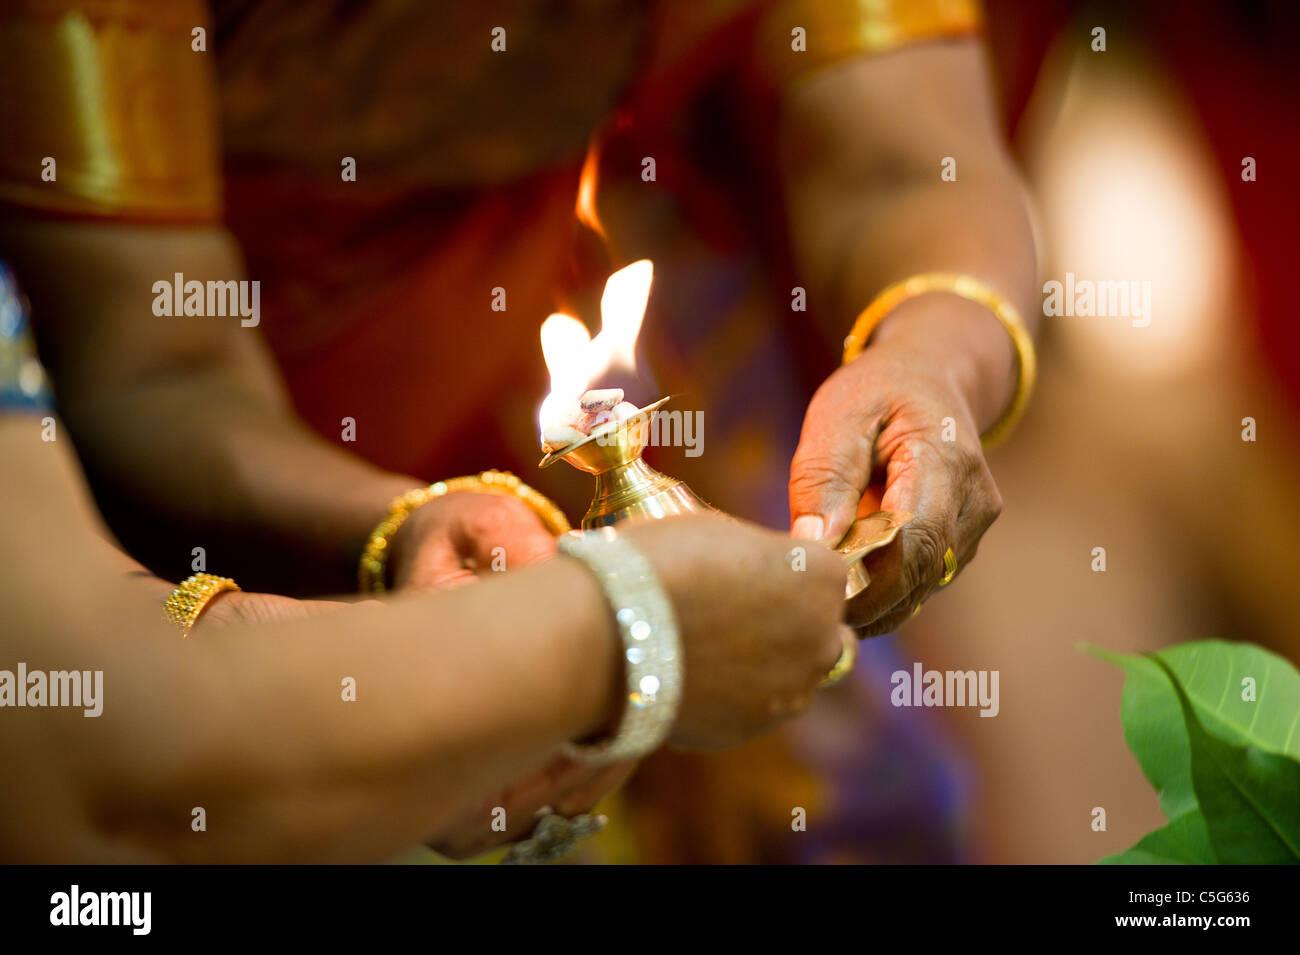 Cérémonie de mariage indien hindou dans un temple Photo Stock